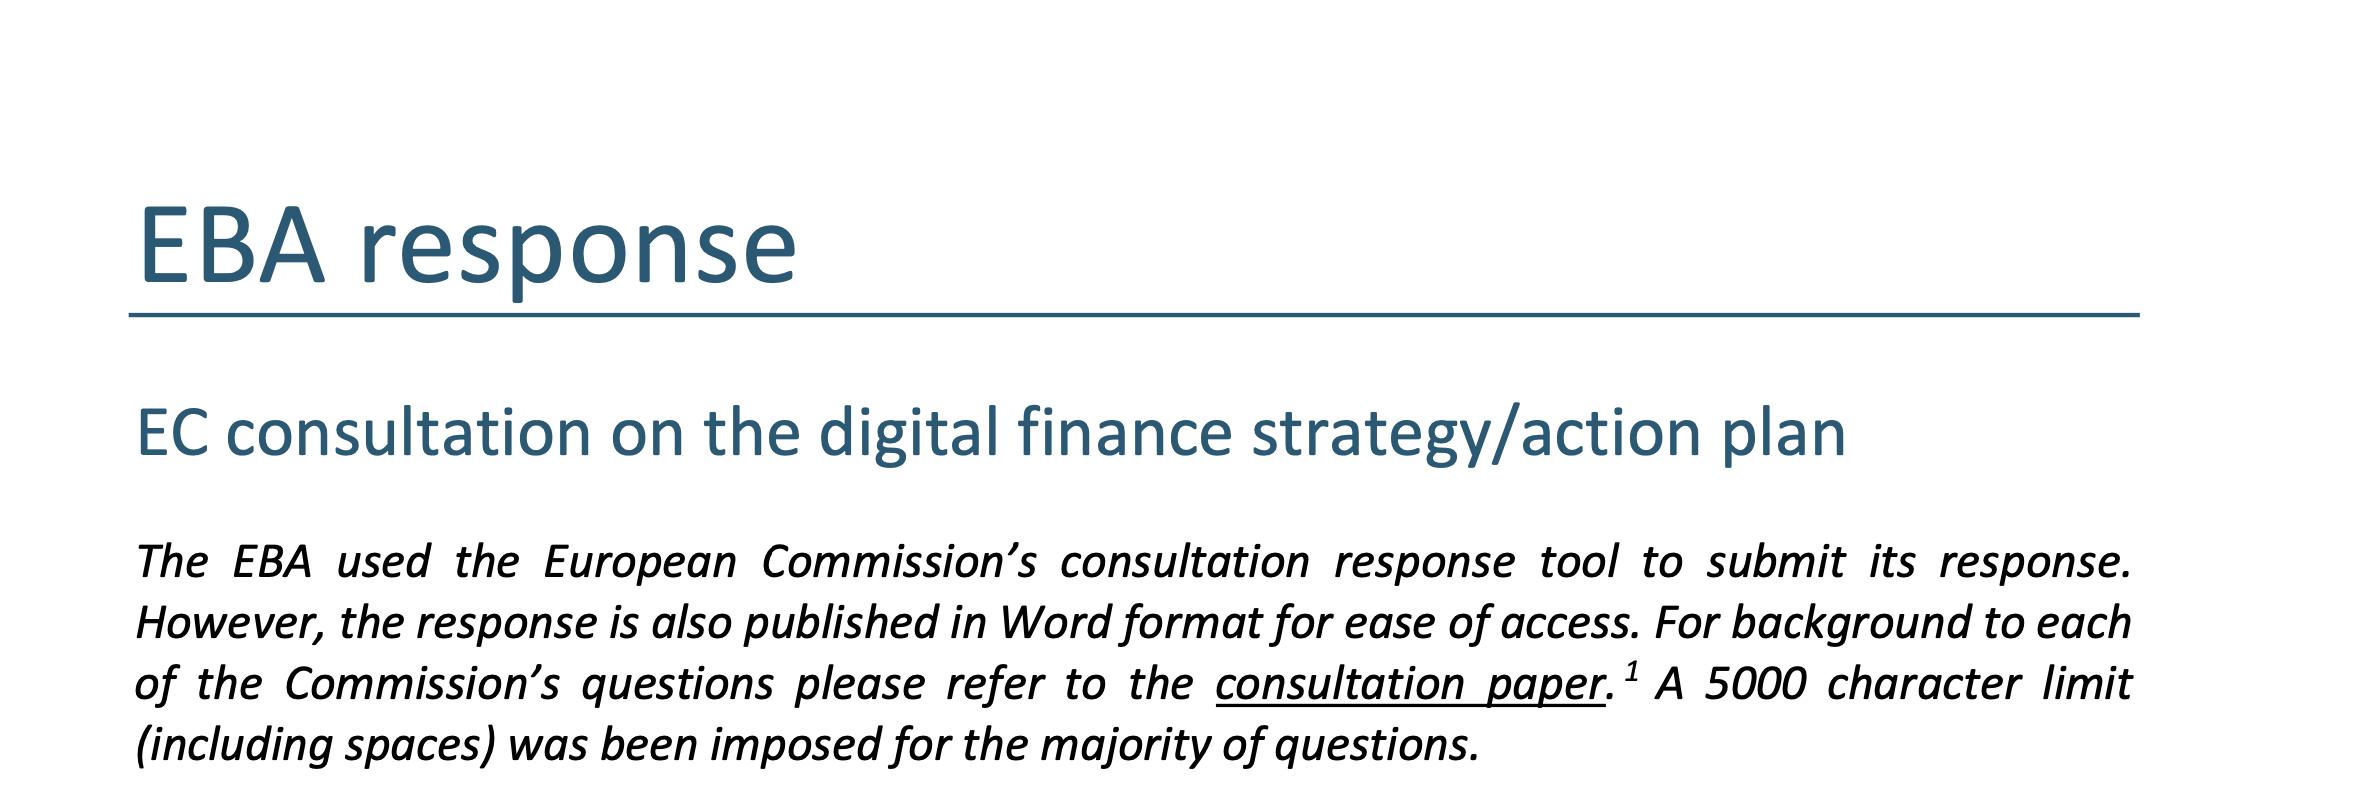 EBA o tym co zamierza zrobić dla Fintechów, RegTech i SupTech, czyli odpowiedź na Digital Finance Strategy